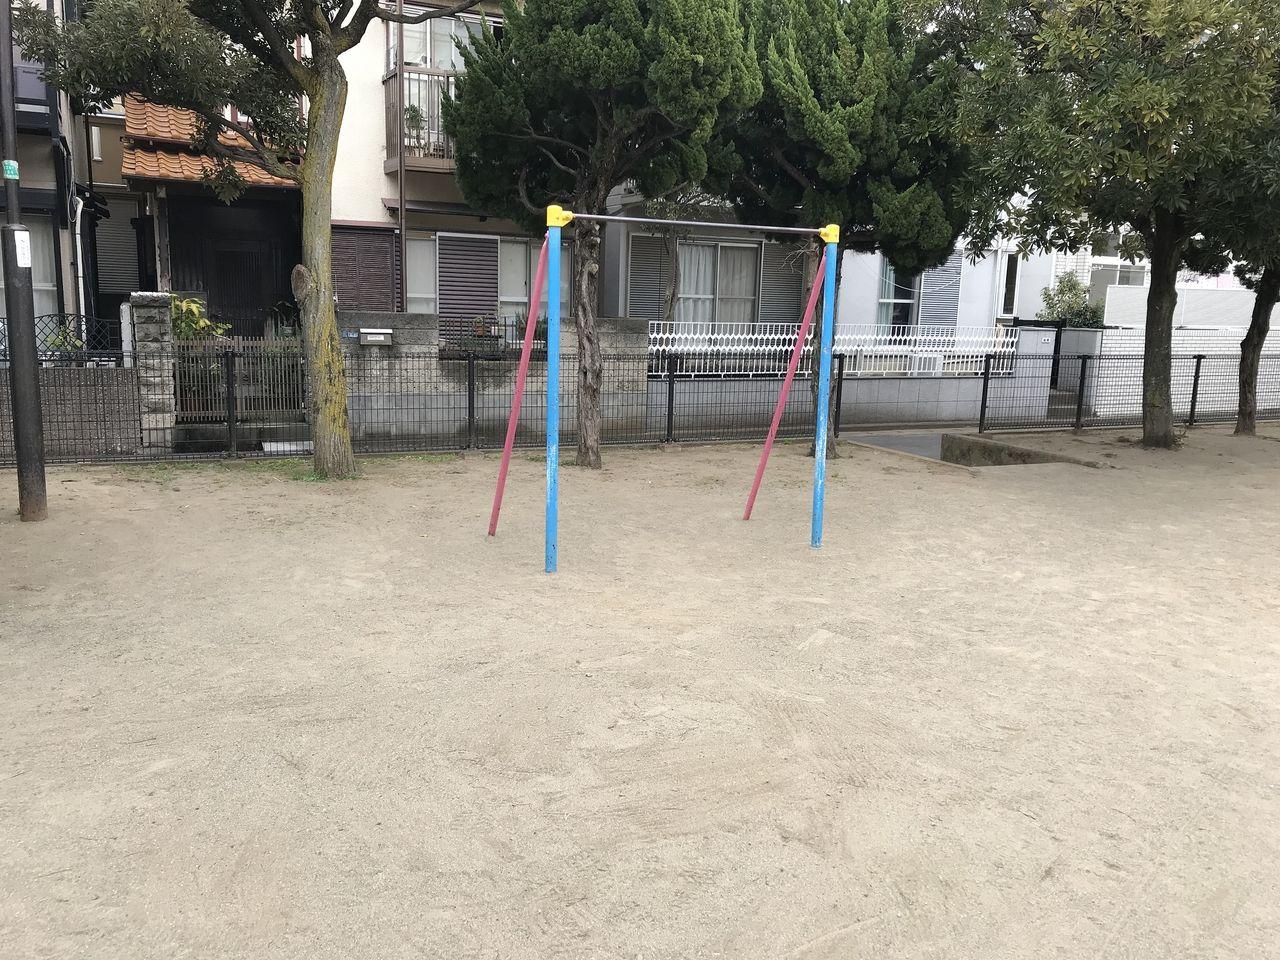 行徳の下道公園の鉄棒